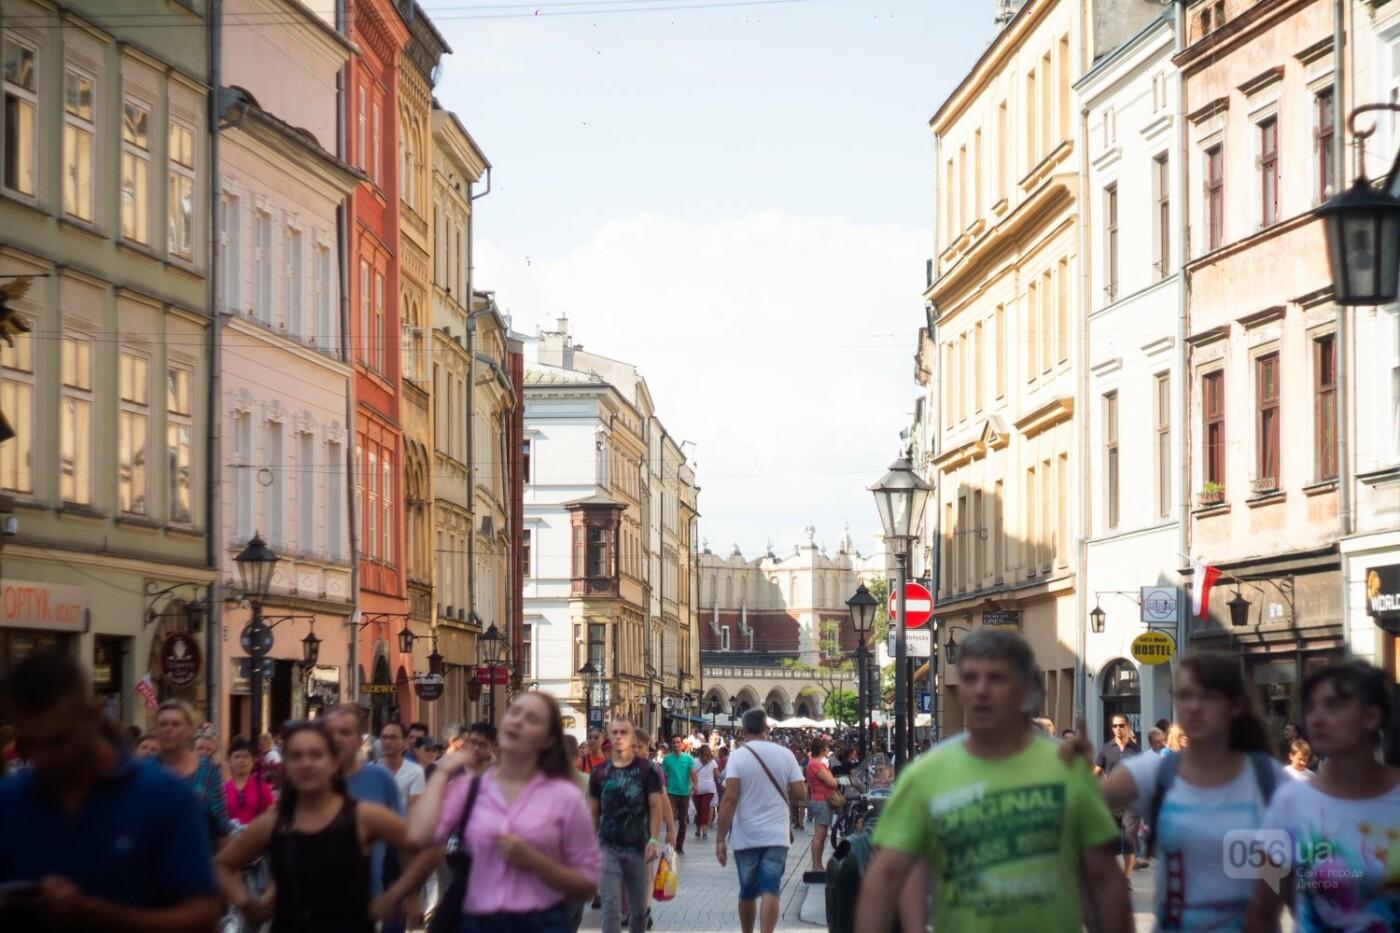 Приехать в Польшу и влюбиться, часть 1: мини-гайд по Кракову о жилье, транспорте и развлечениях, и экскурсия в Аушвиц-Биркенау , - ФОТО, фото-3